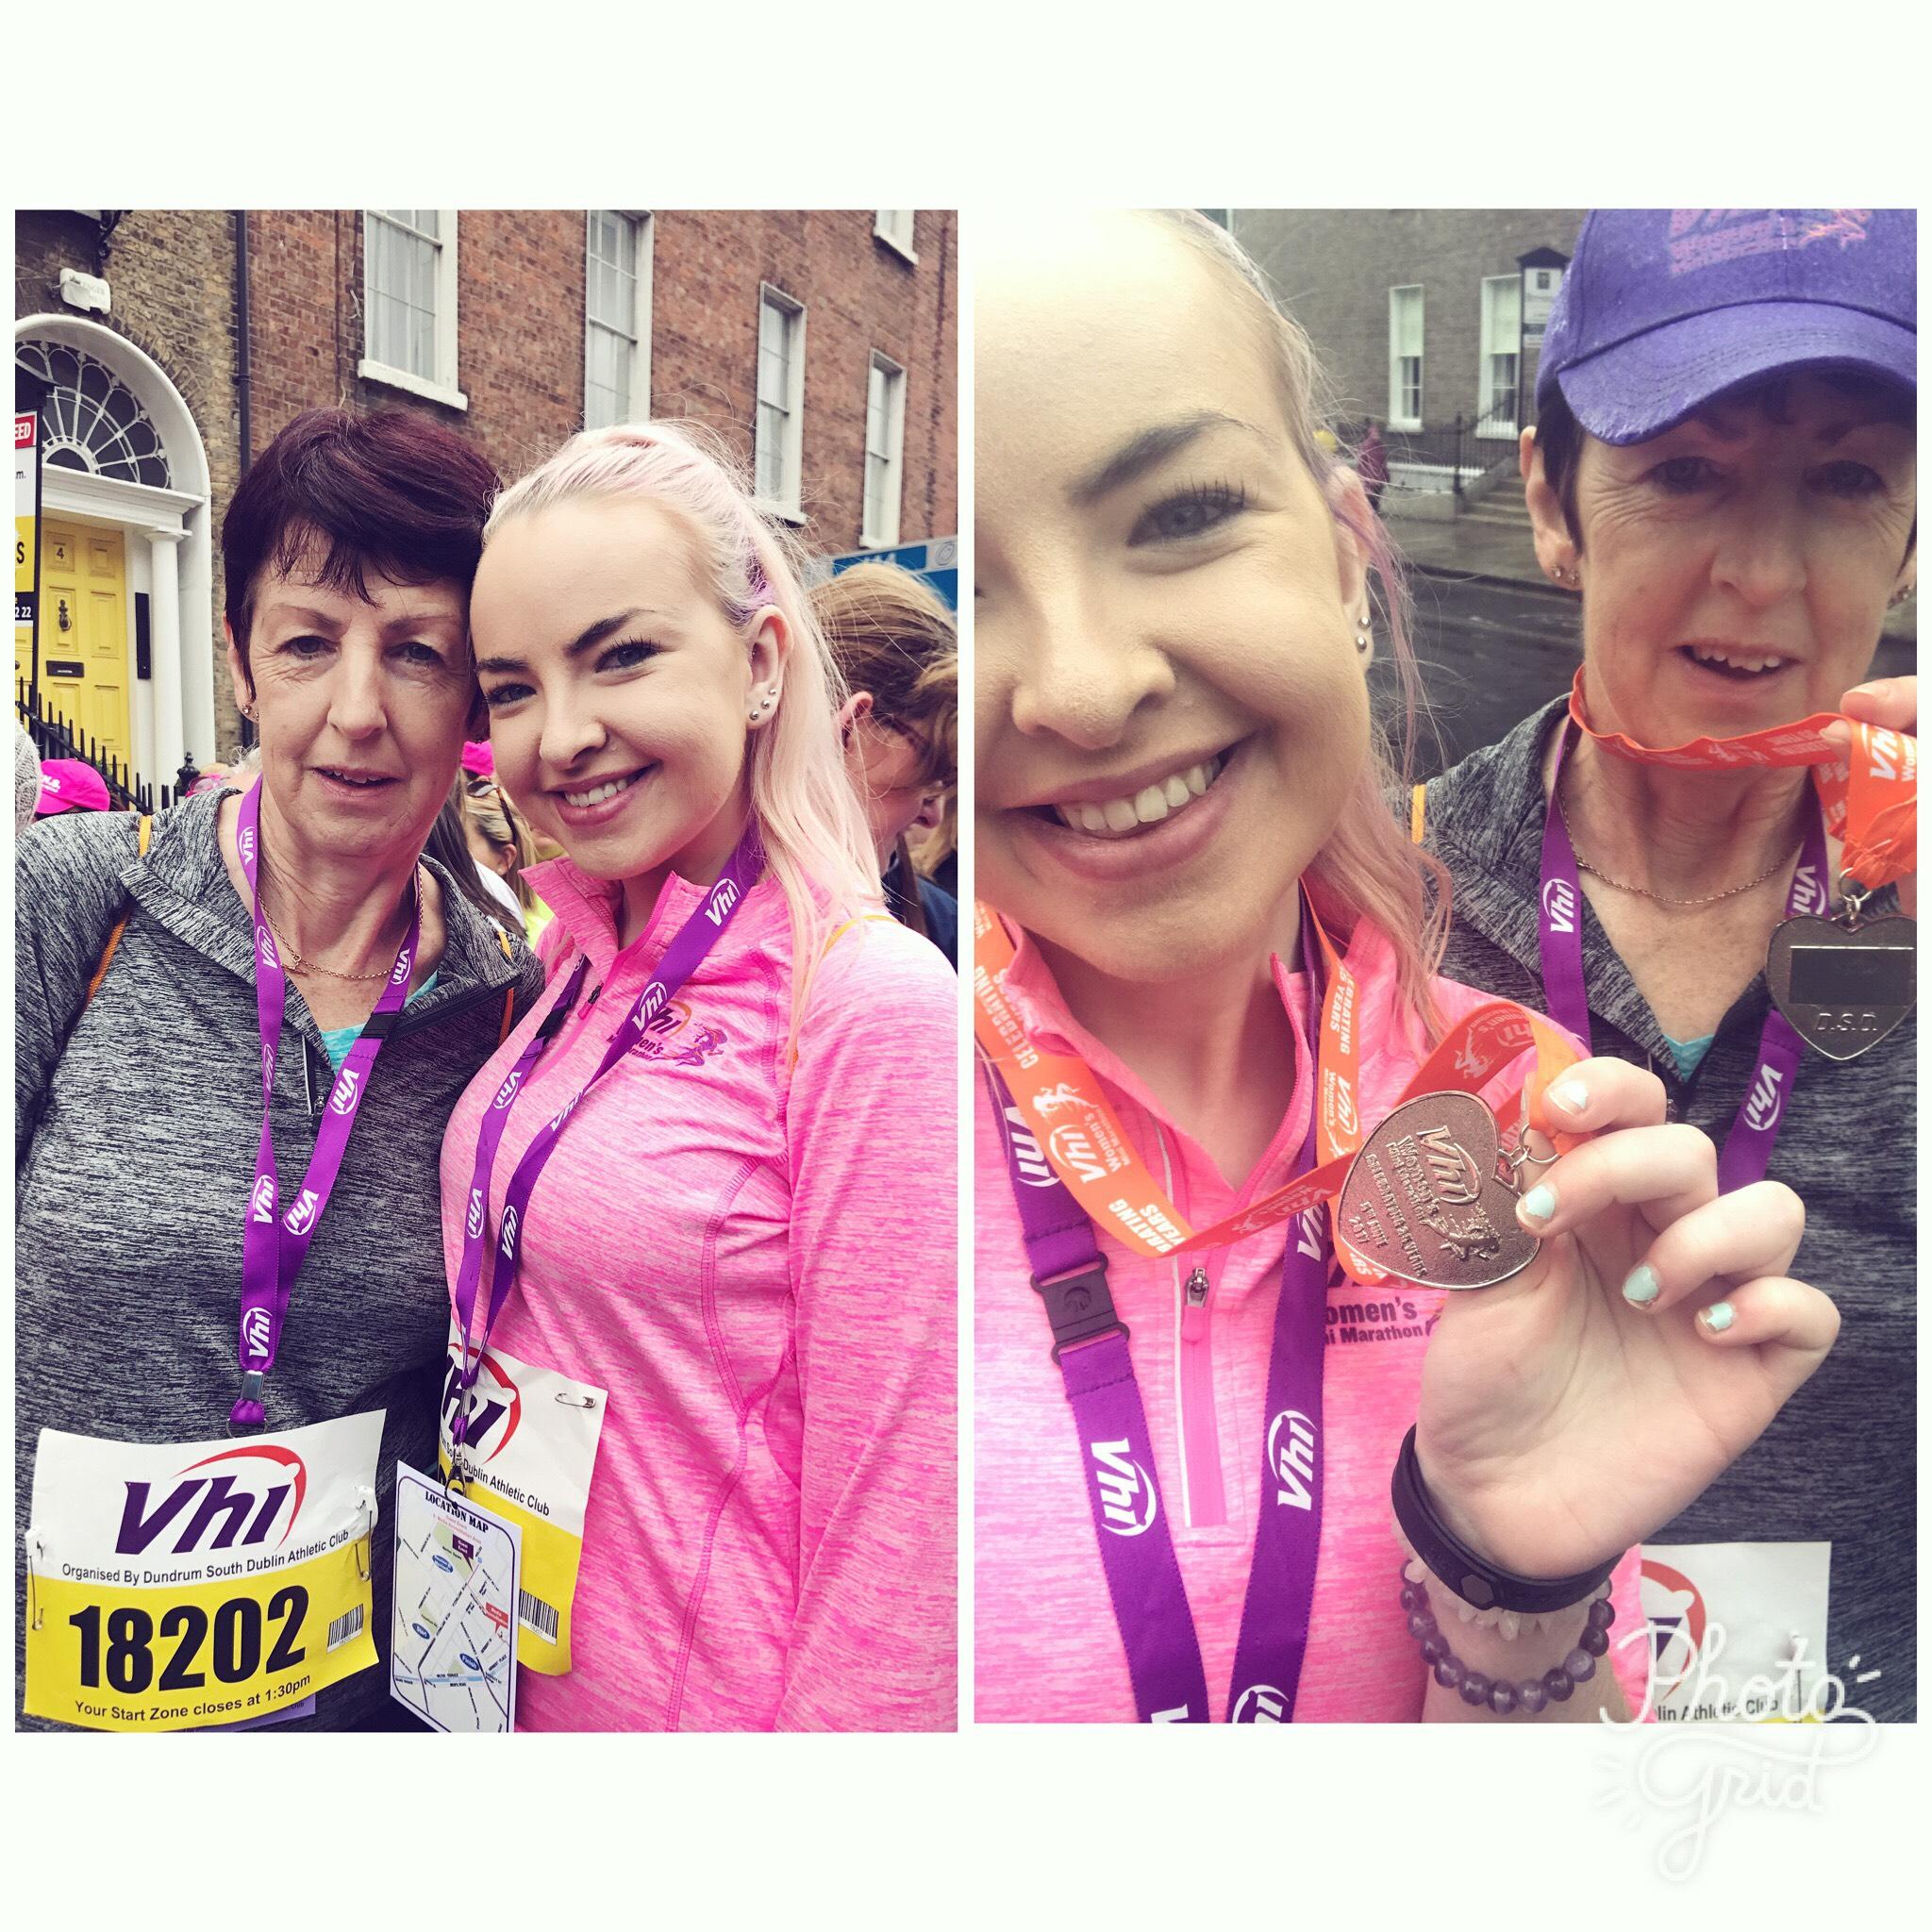 VHI Women's Mini Marathon 2017!